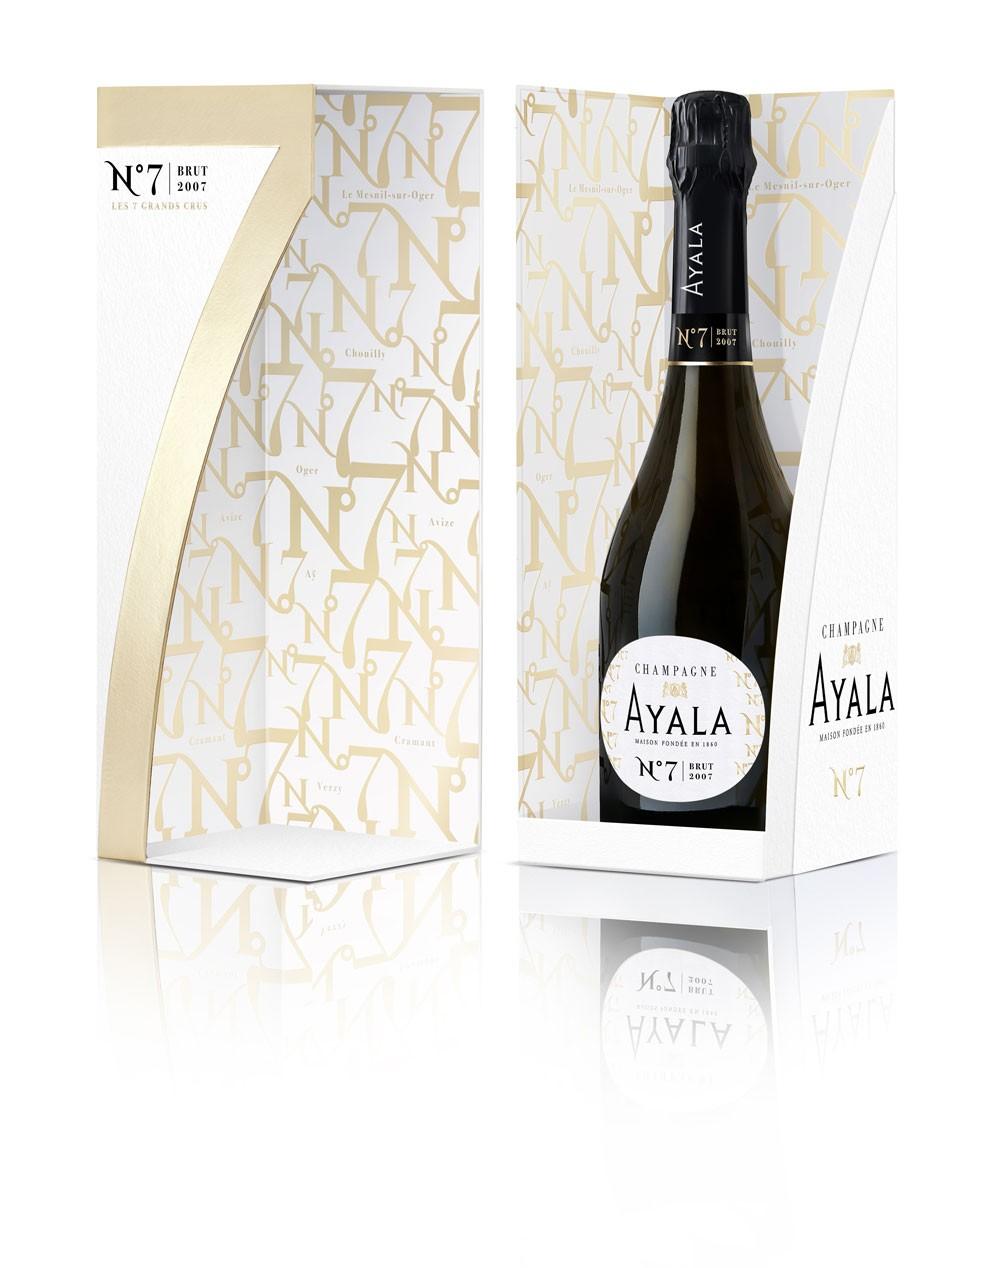 Ayala presenta 'Nº7', una edición limitada que subraya el concepto boutique y artesanal de la Maison